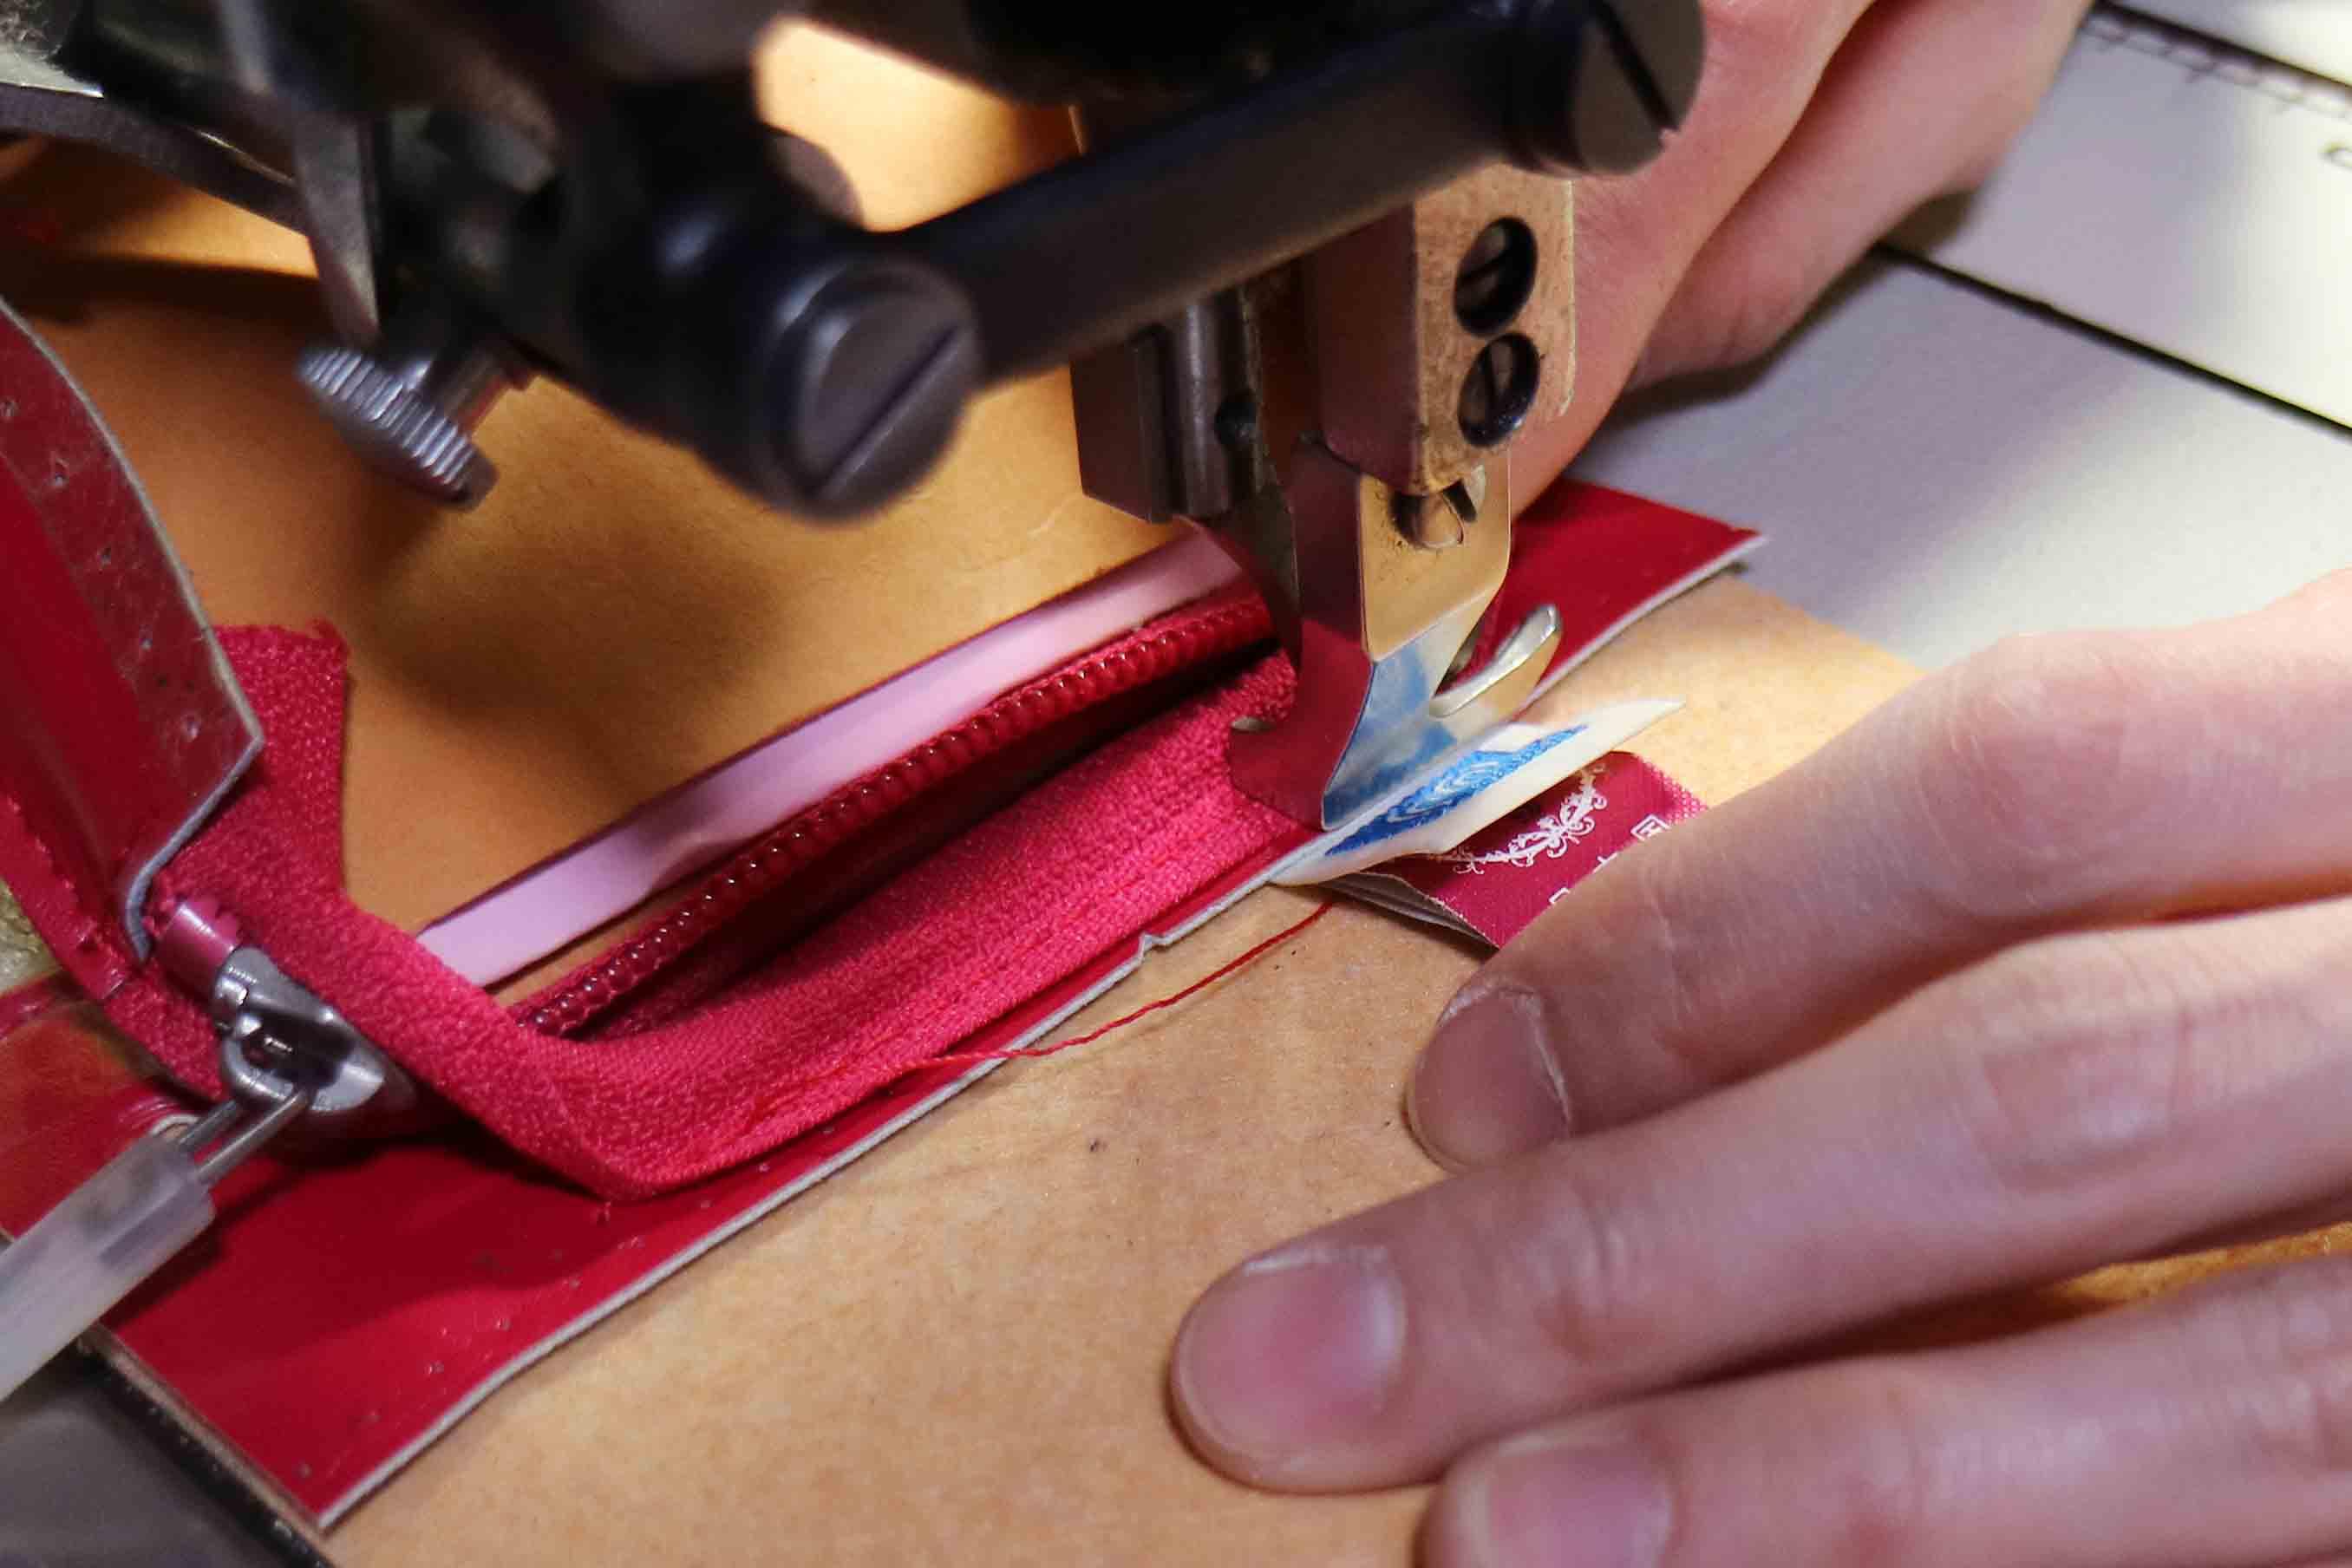 ポケットの内側に縫い合わされ、無事に元の位置に戻るラベル